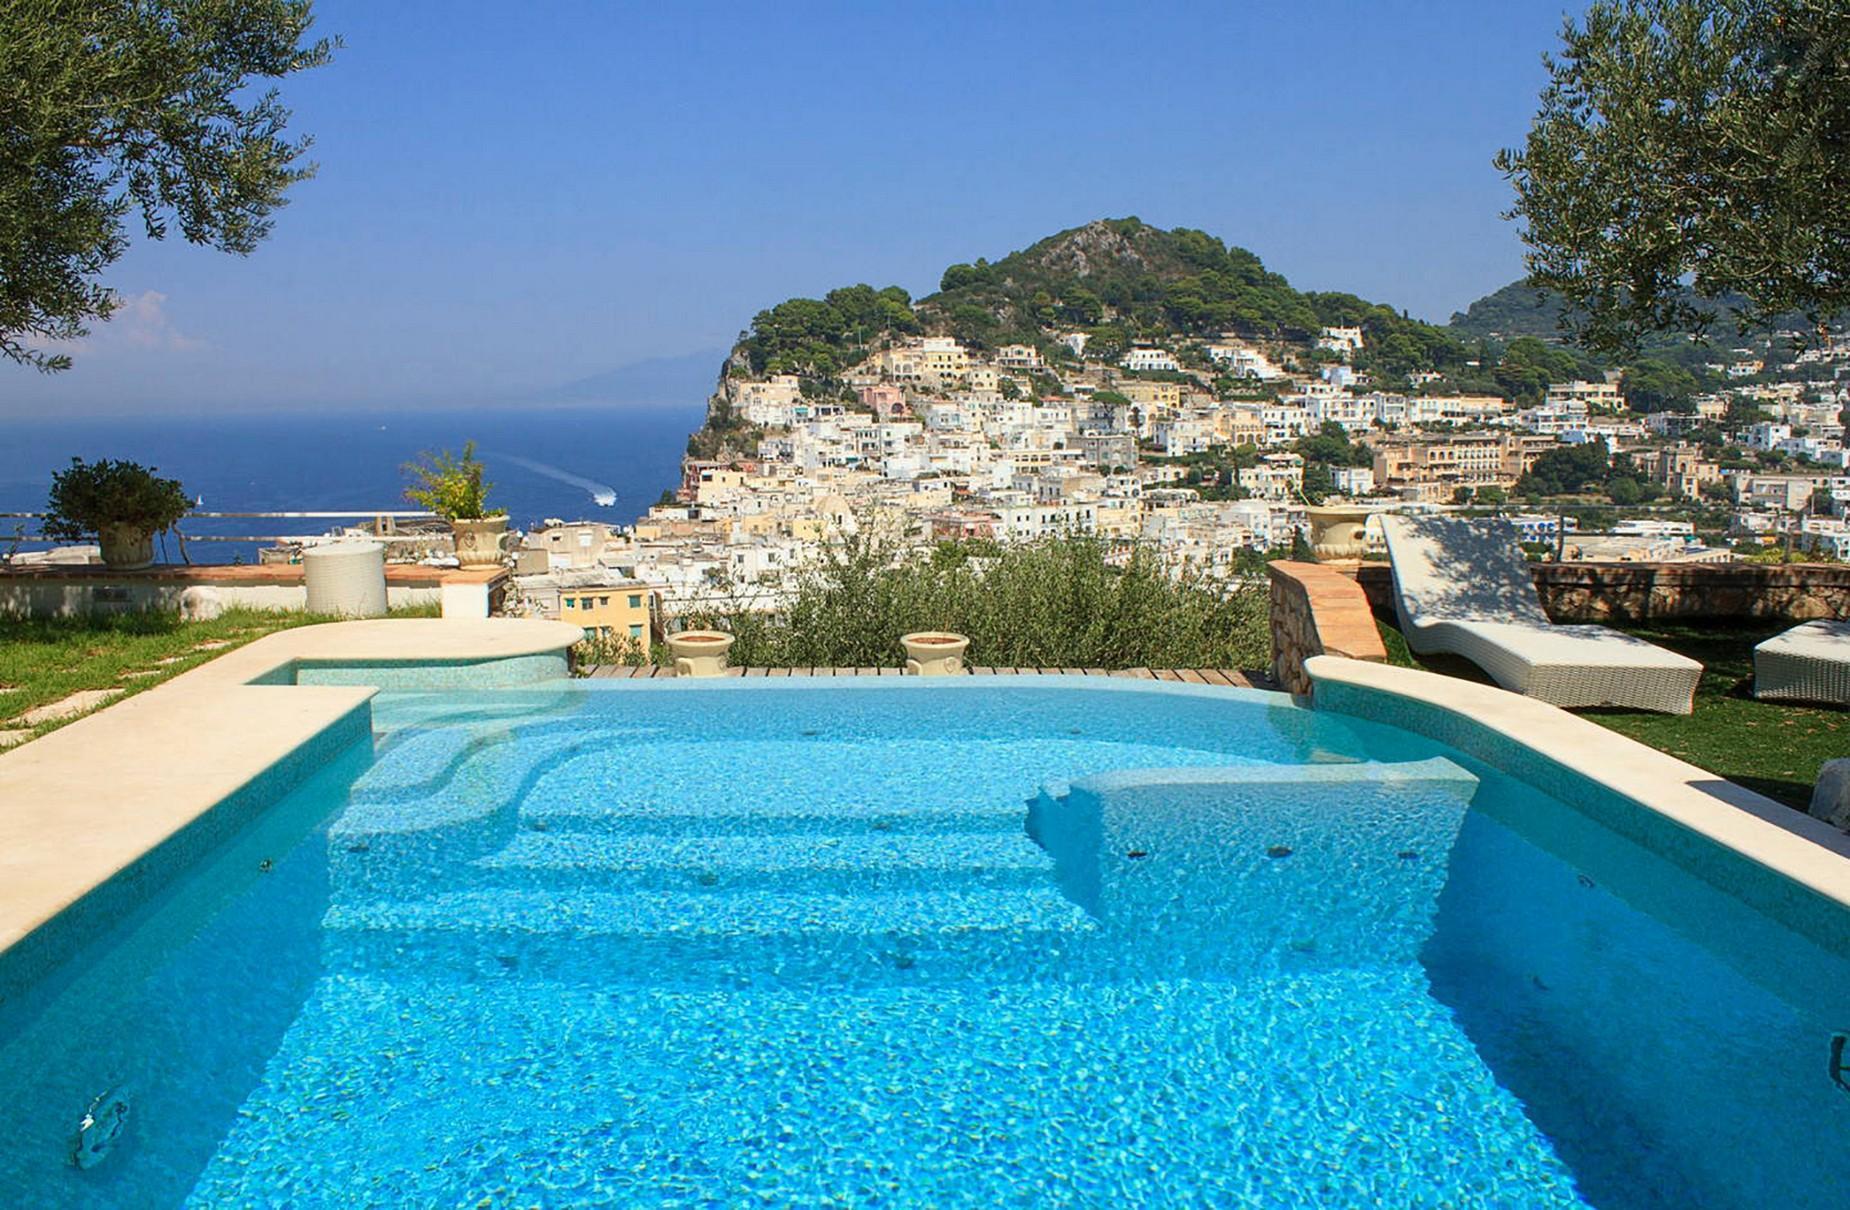 Очаровательная вилла с панорамным бассейном в центре легендарного острова Капри, Италия - 1